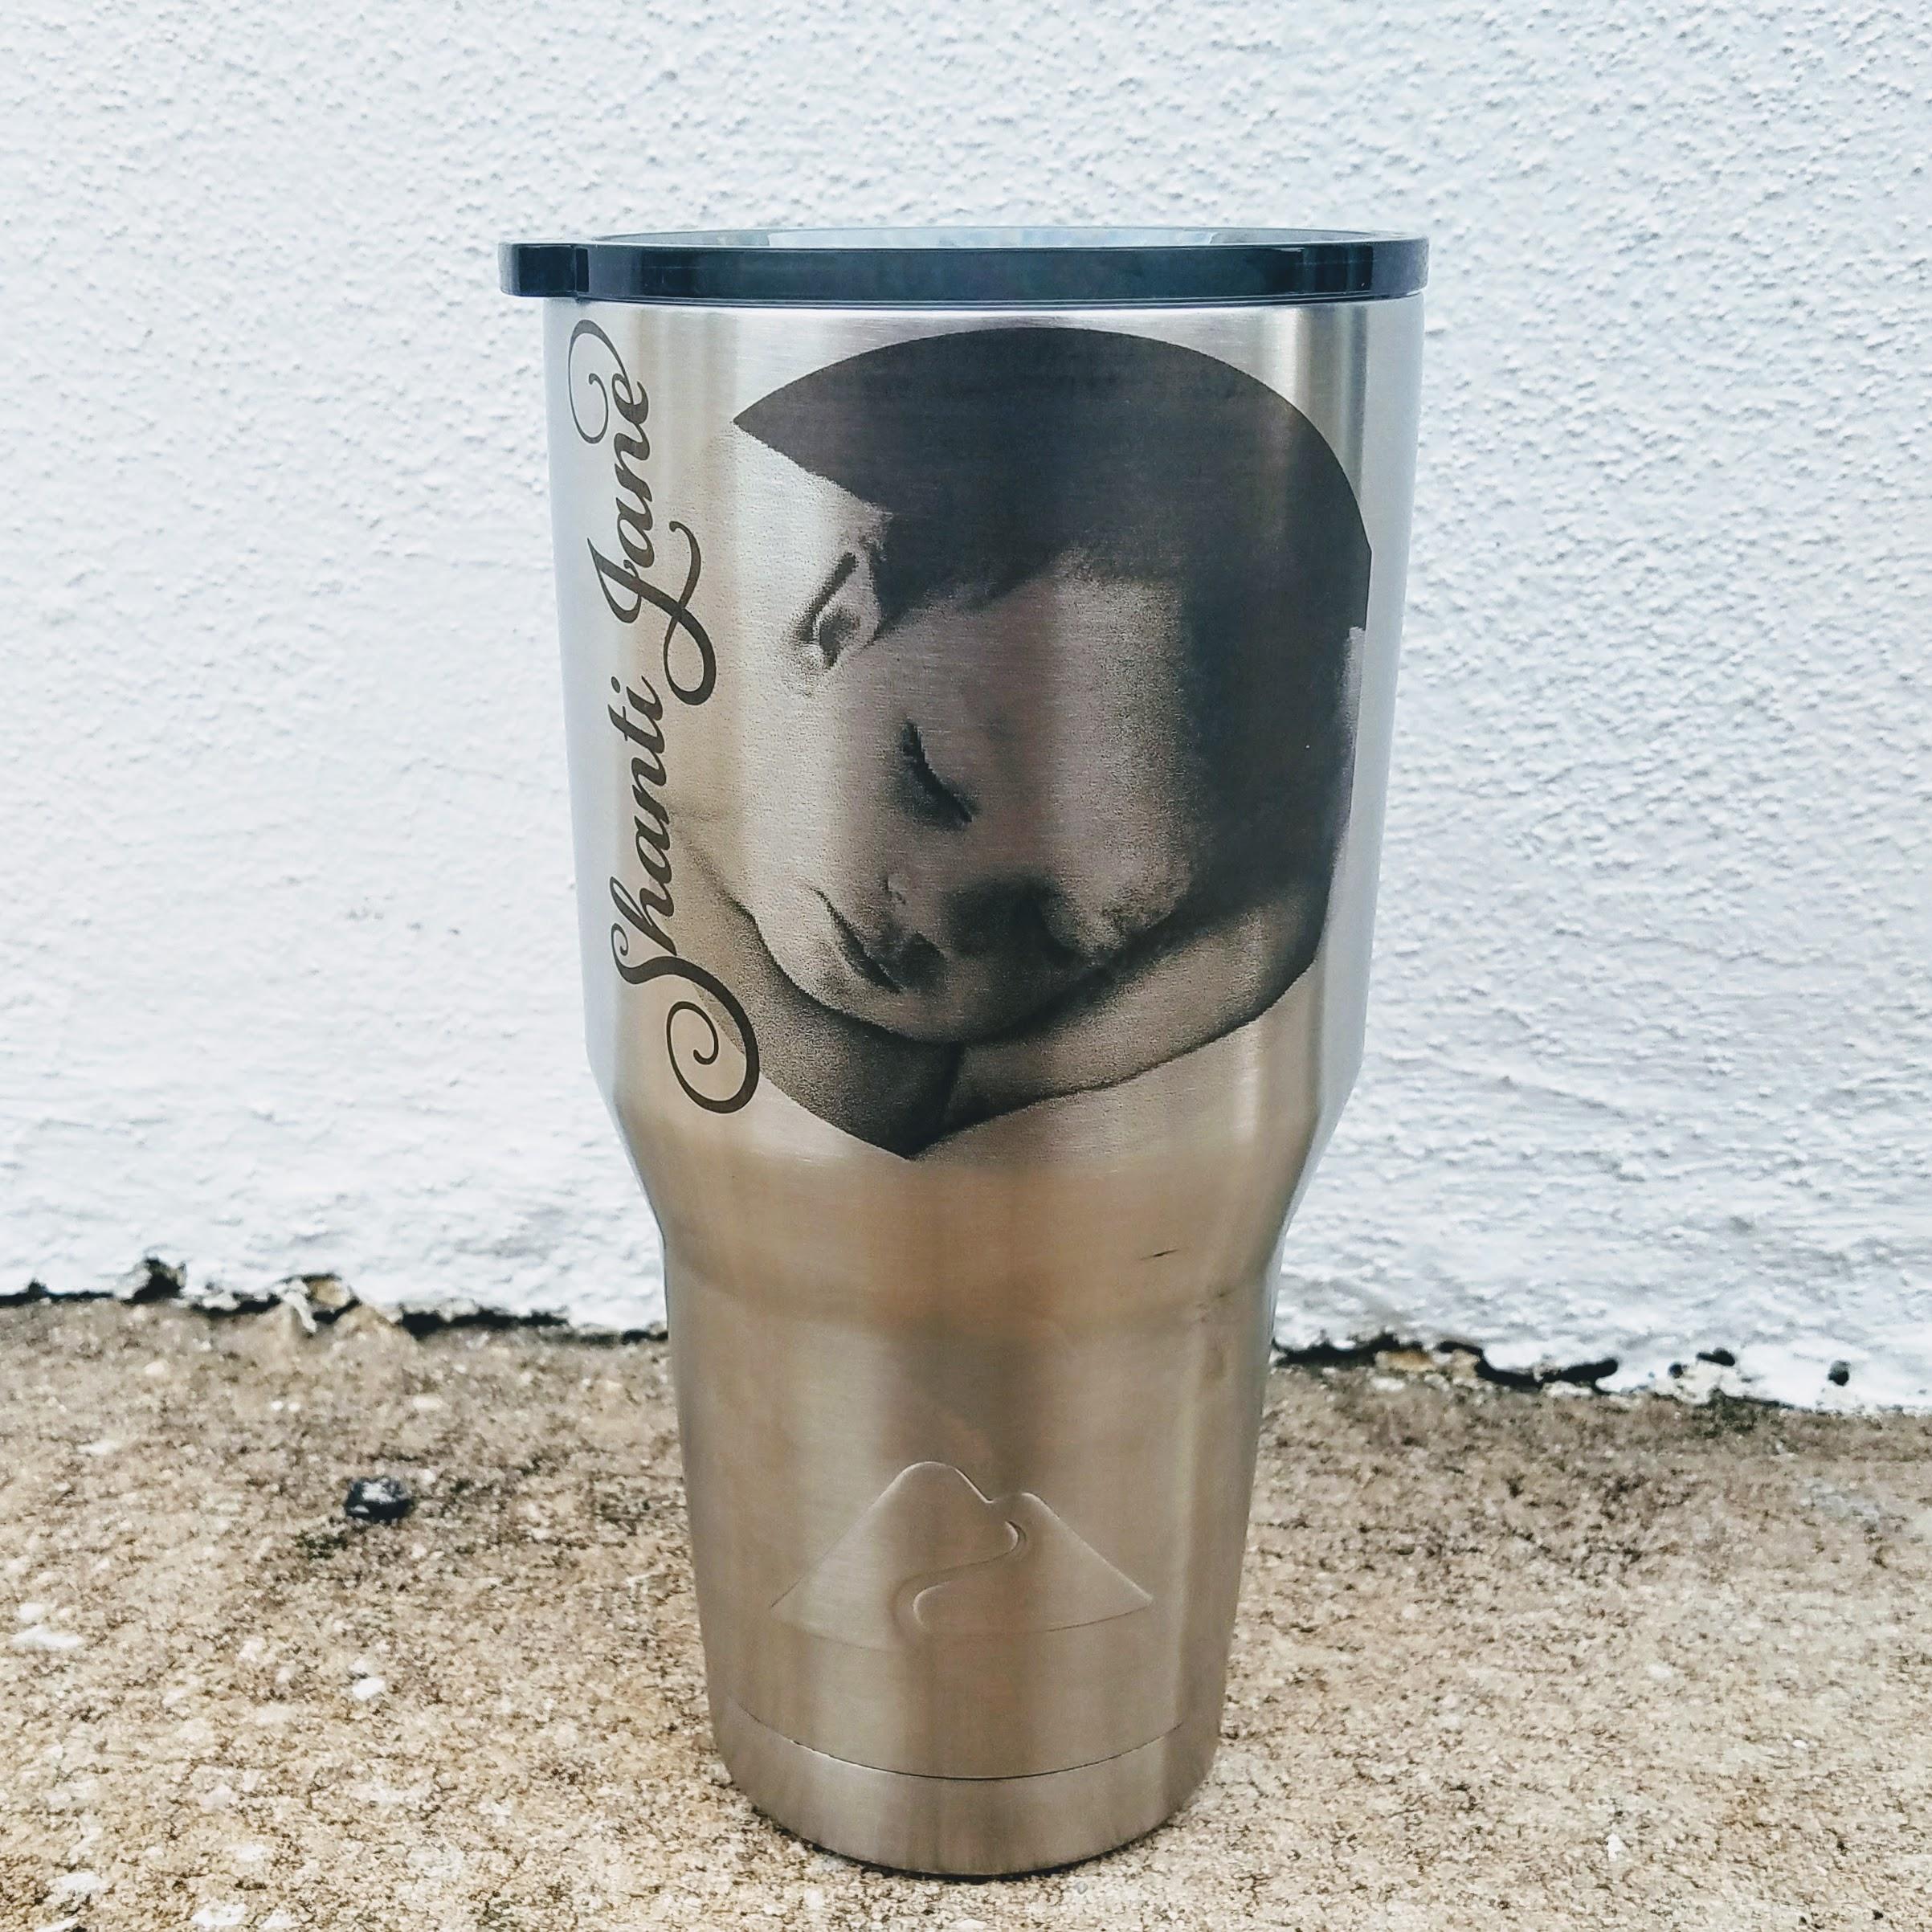 Photo Laser engraved on mug 30oz YETI or Ozark